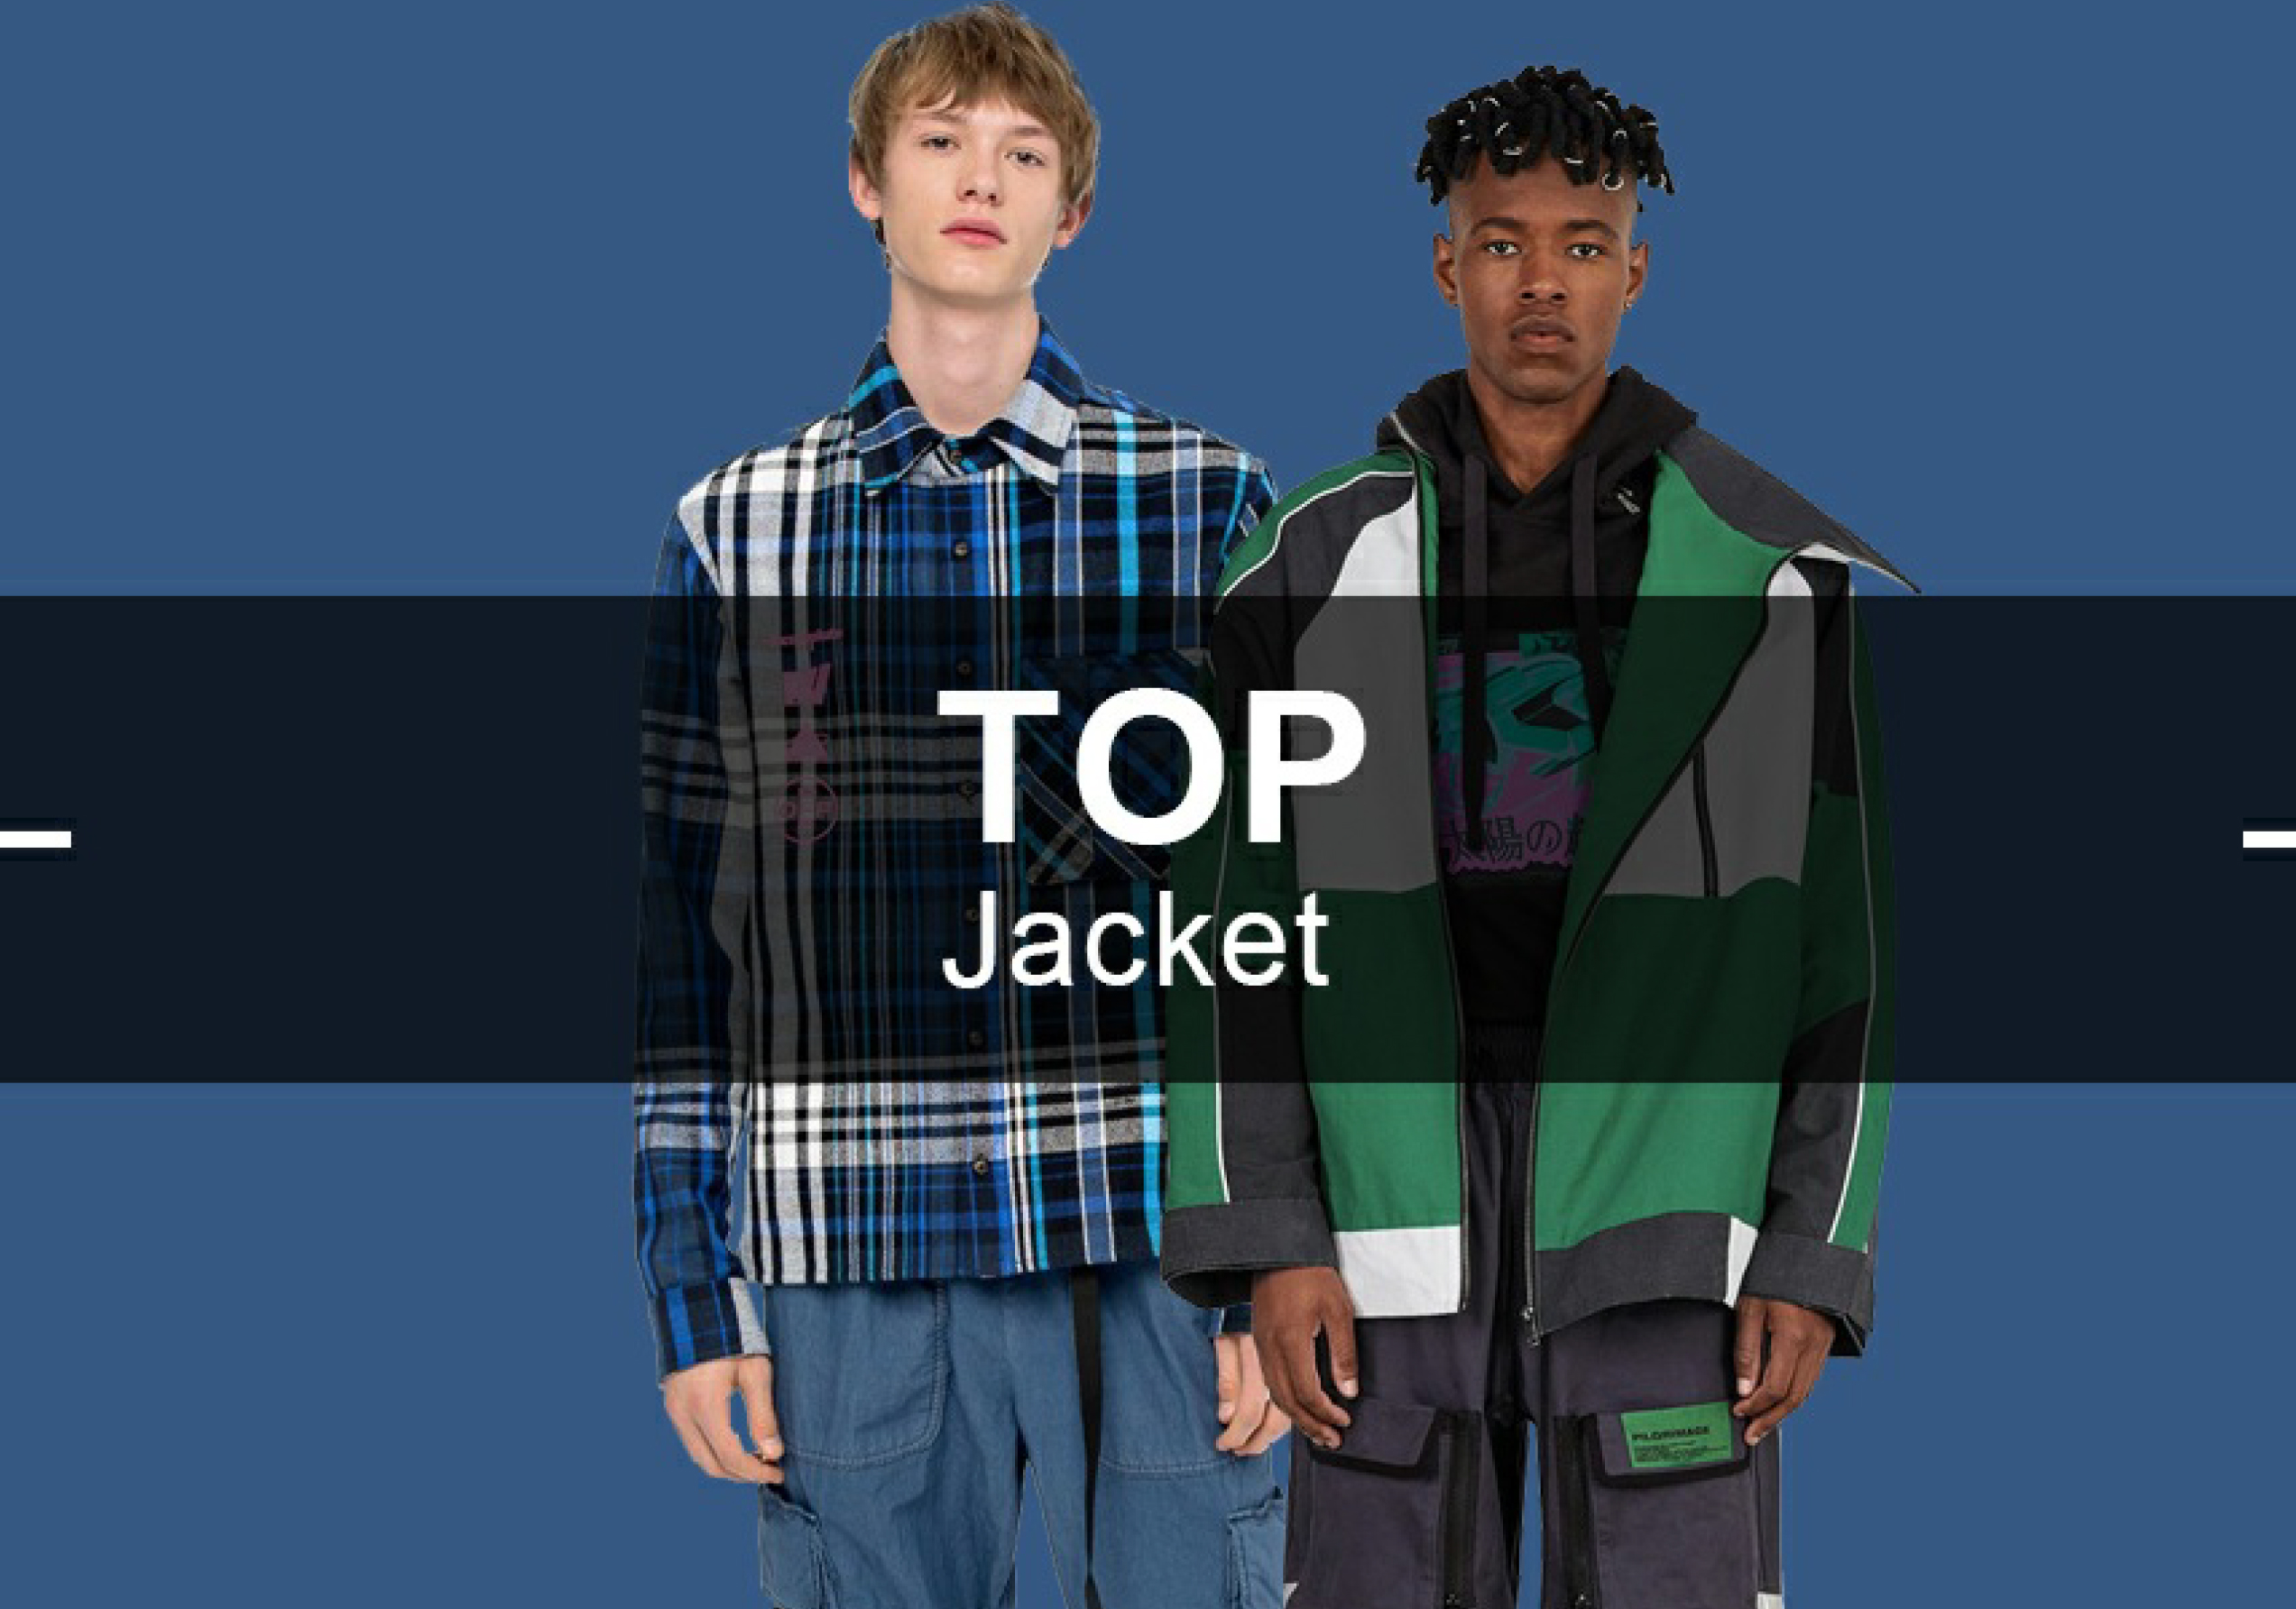 The Jacket -- Popular Items in Menswear Markets